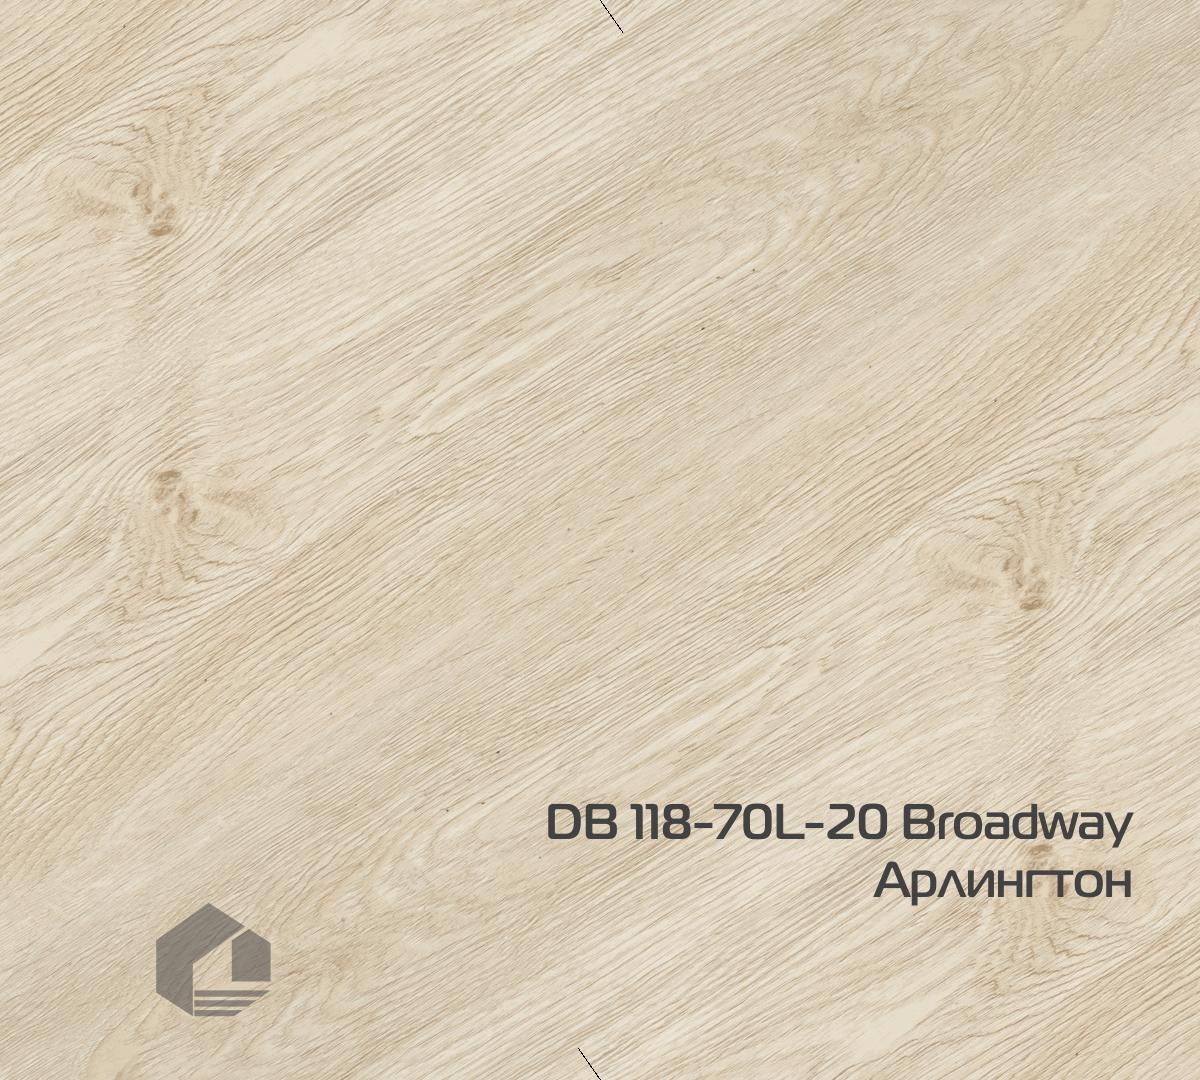 Кварцвиниловая плитка Wonderful Vinyl Floor Broadway DB 118-70L-20 Арлингтон